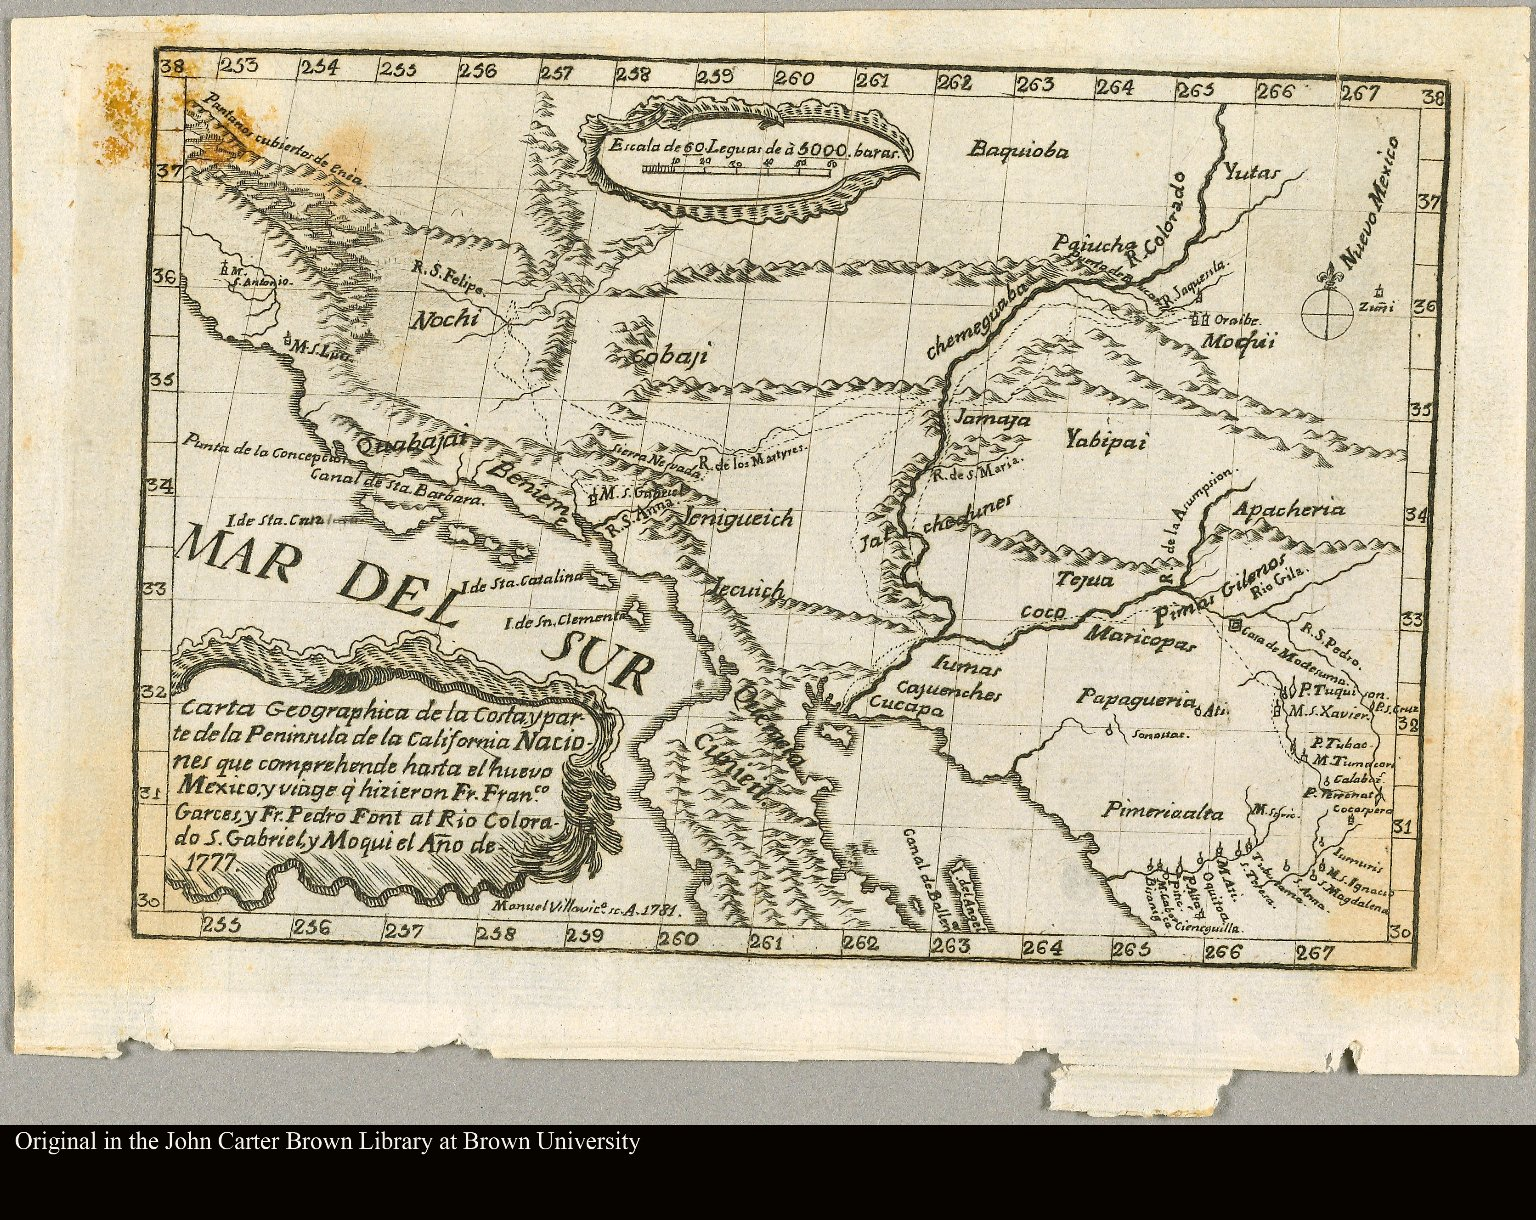 Carta geographica de la costa, y parte de la Peninsula de la California Naciones que comprehende hasta el Nuevo Mexico, y viage q'hizieron Fr. Franco. Garces, y Fr. Pedro Font al Rio Colorado, S. Gabriel, y Moqui el año de 1777